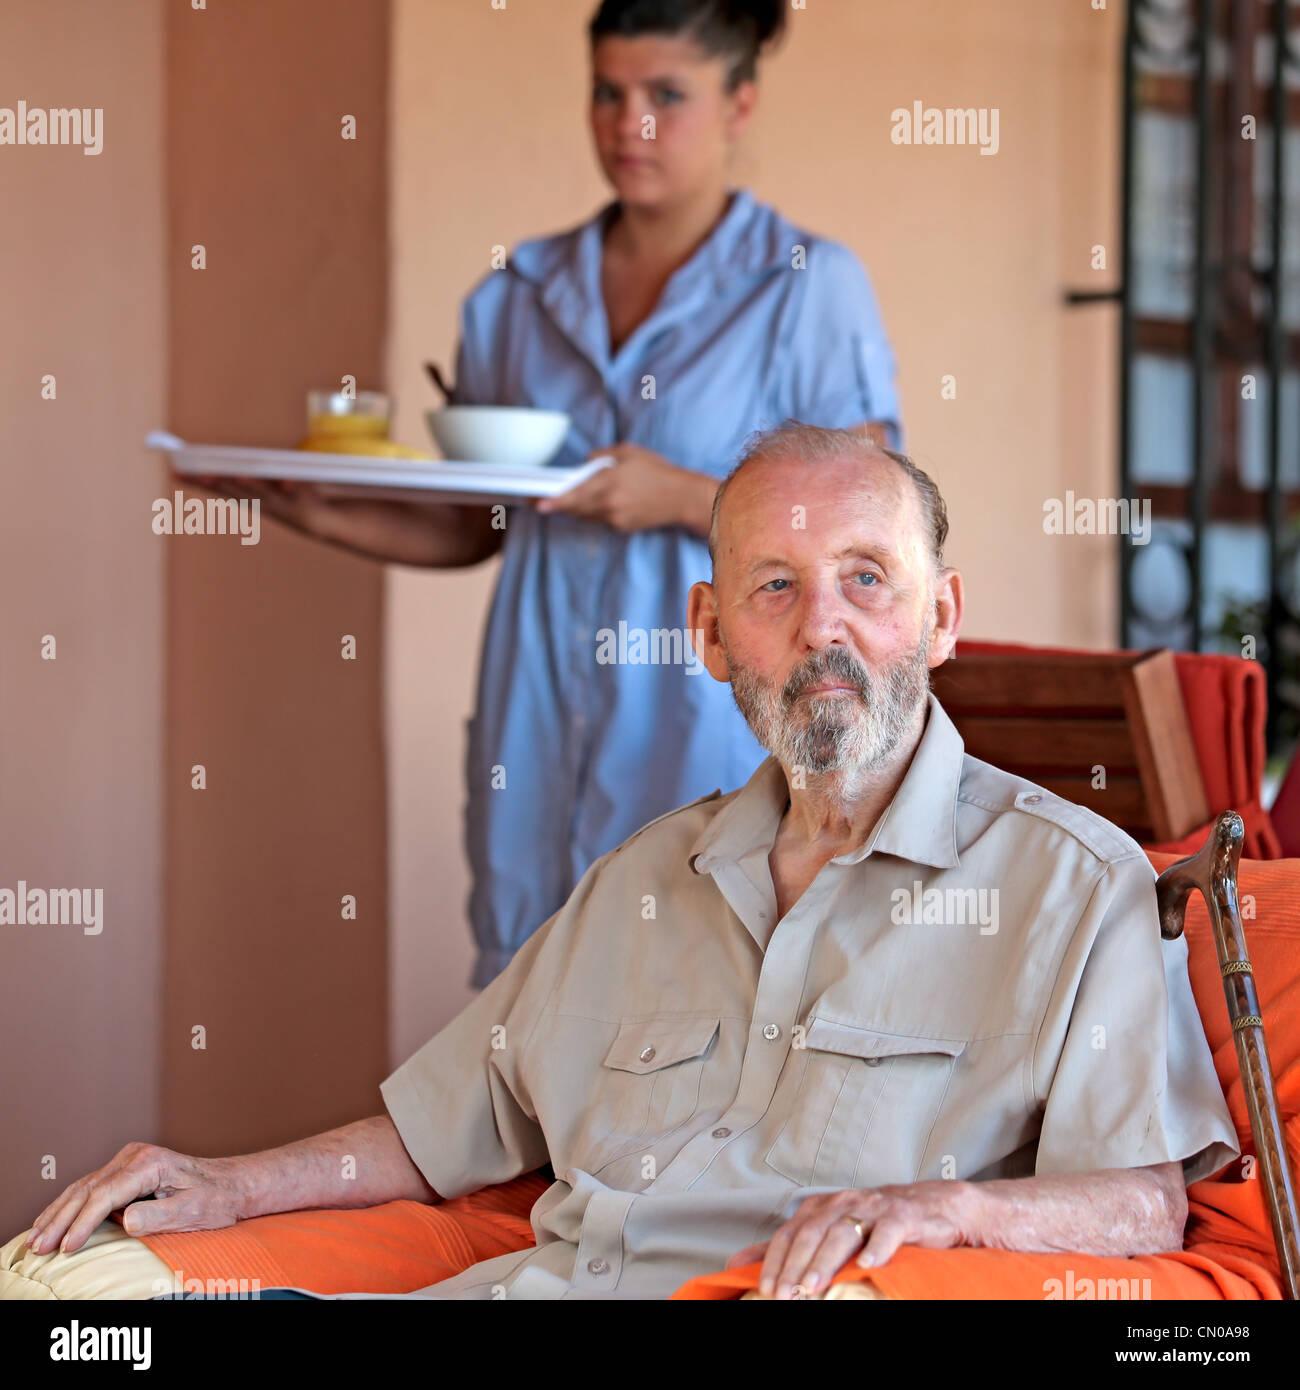 senior with carer or nurse bringing meal - Stock Image